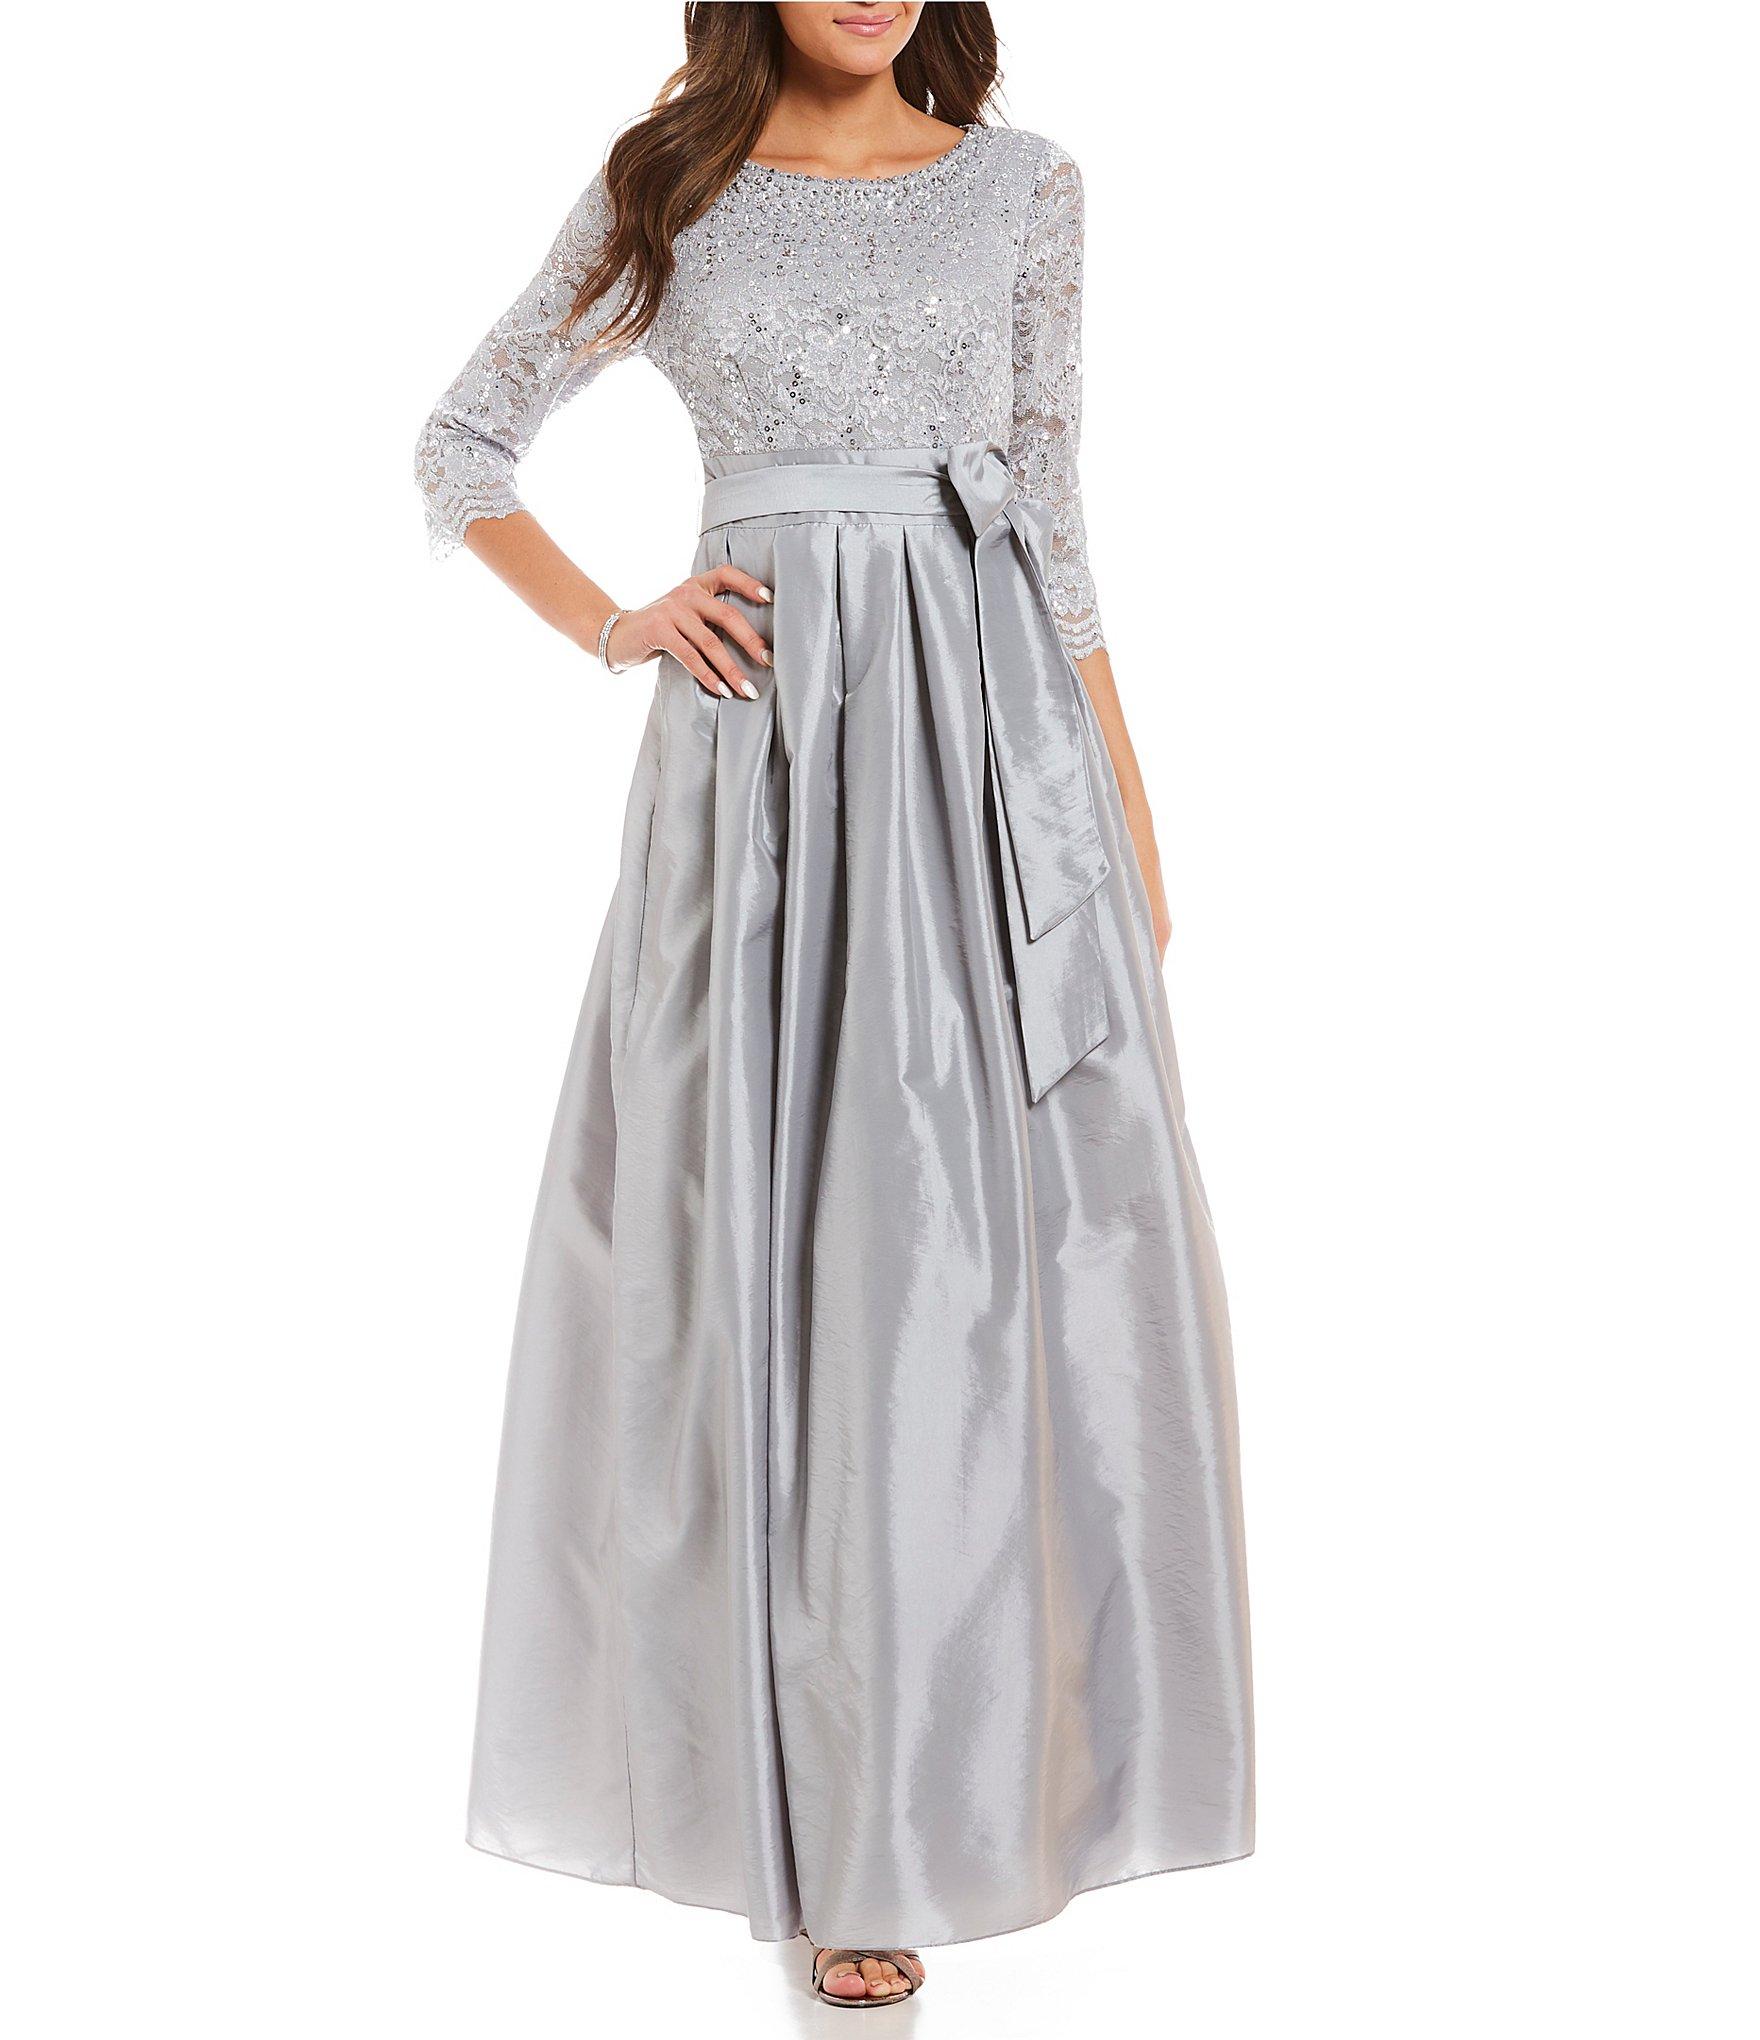 Dilard Weding Gowns 01 - Dilard Weding Gowns